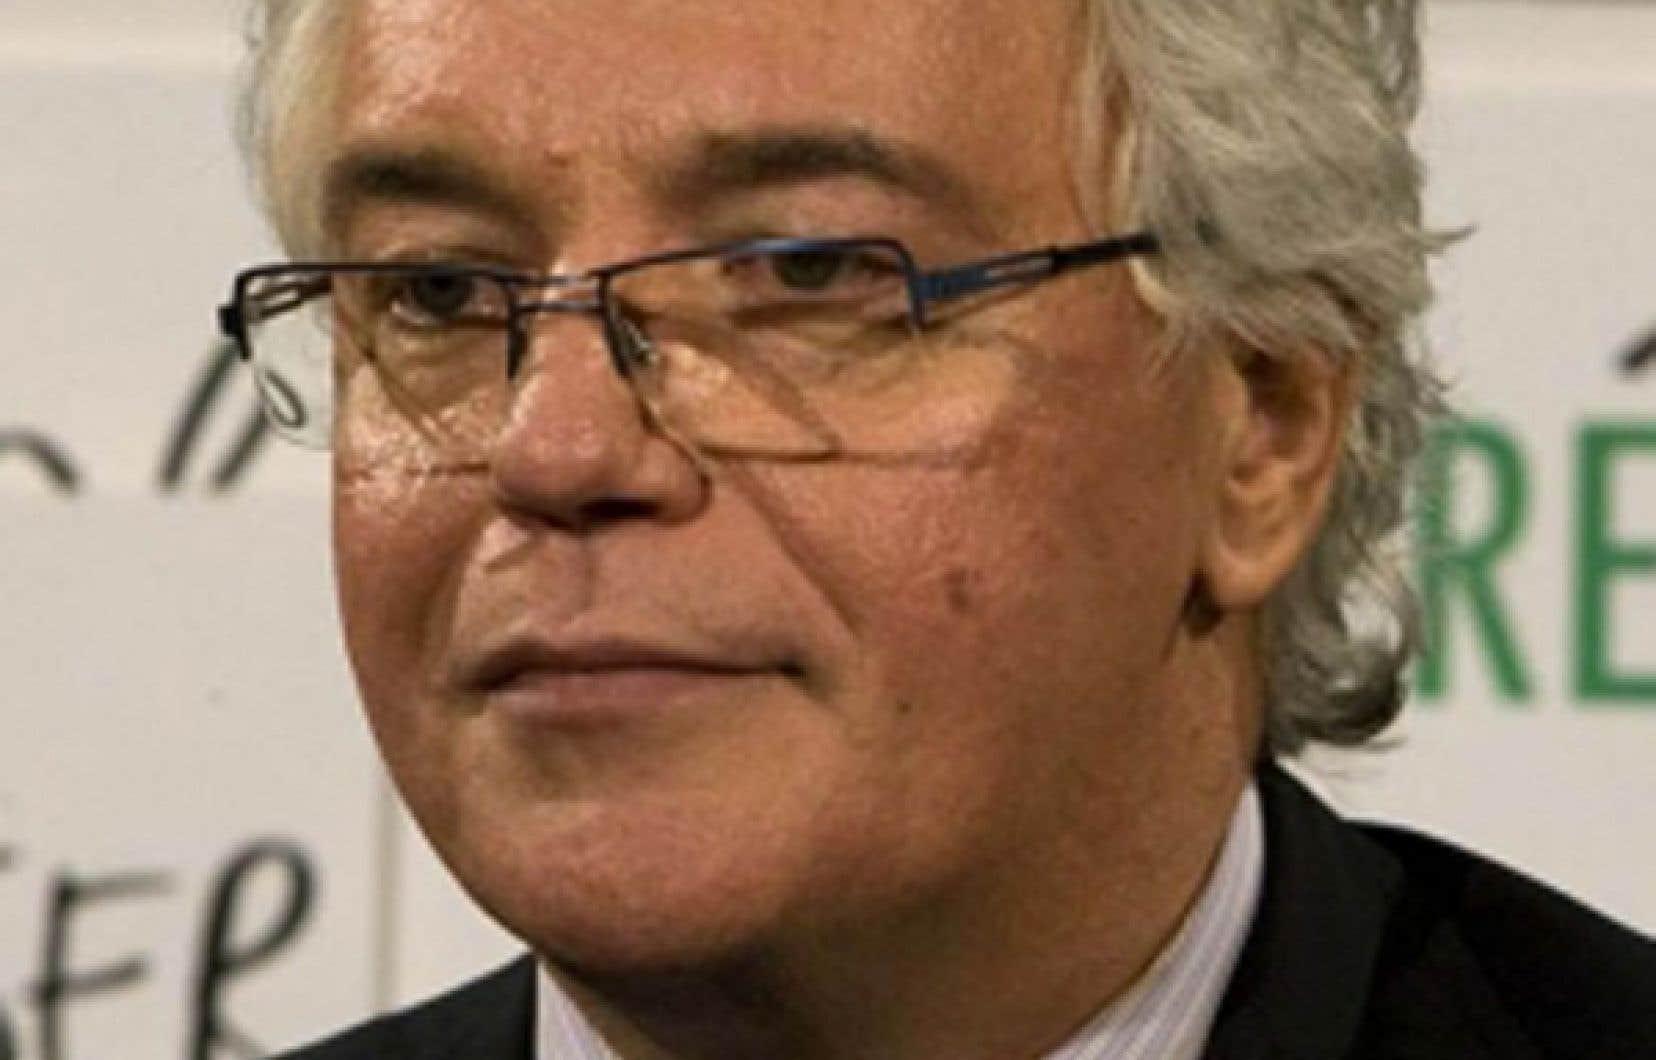 Le nouveau président de la CSN, Louis Roy, veut se rapprocher davantage des autres centrales syndicales.